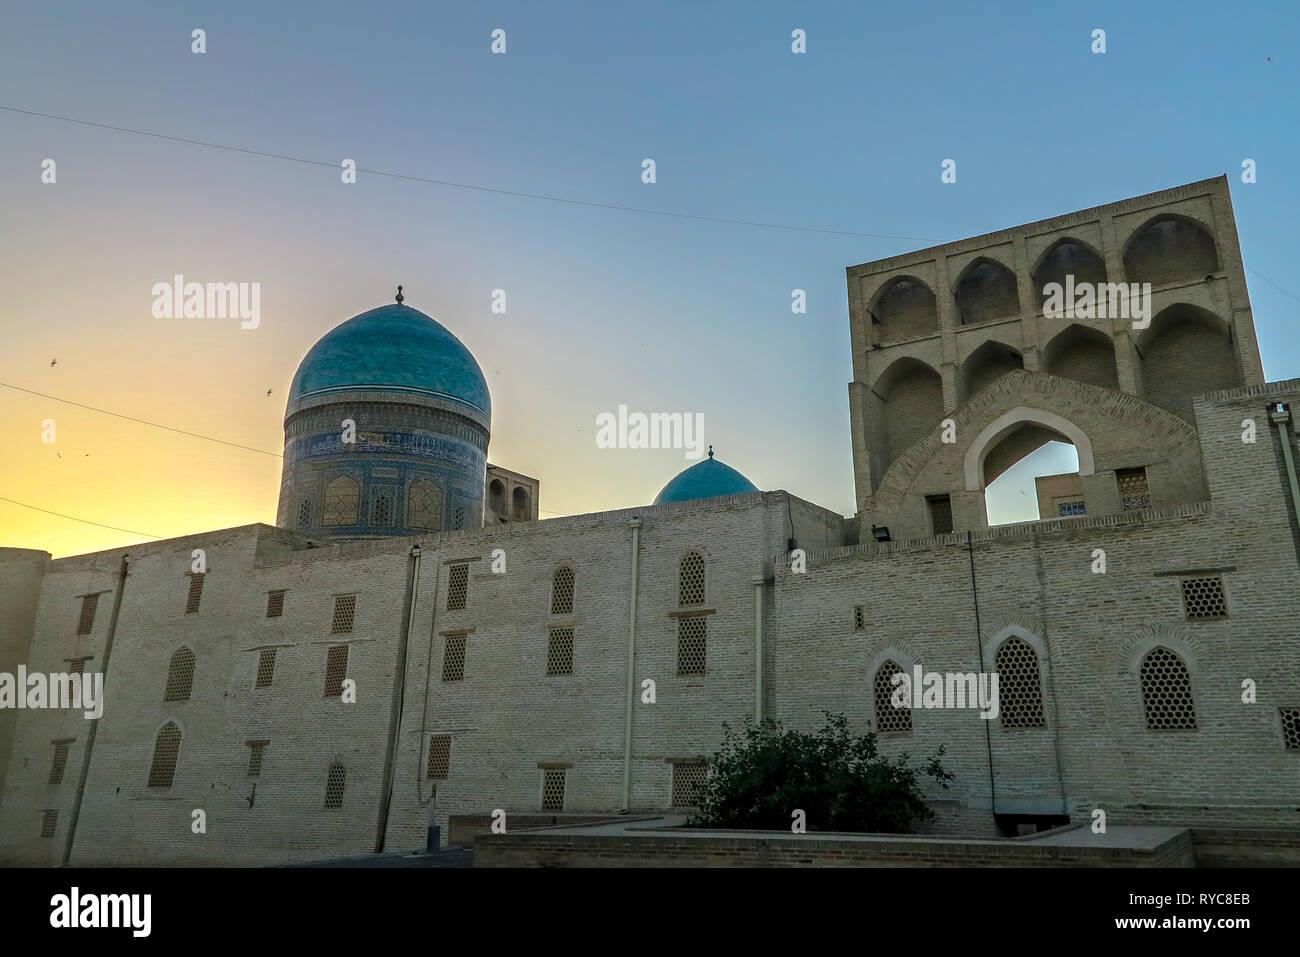 Bukhara Old City Arabian Miri Arab Madrasa Facade Walls Back View at Sunset - Stock Image